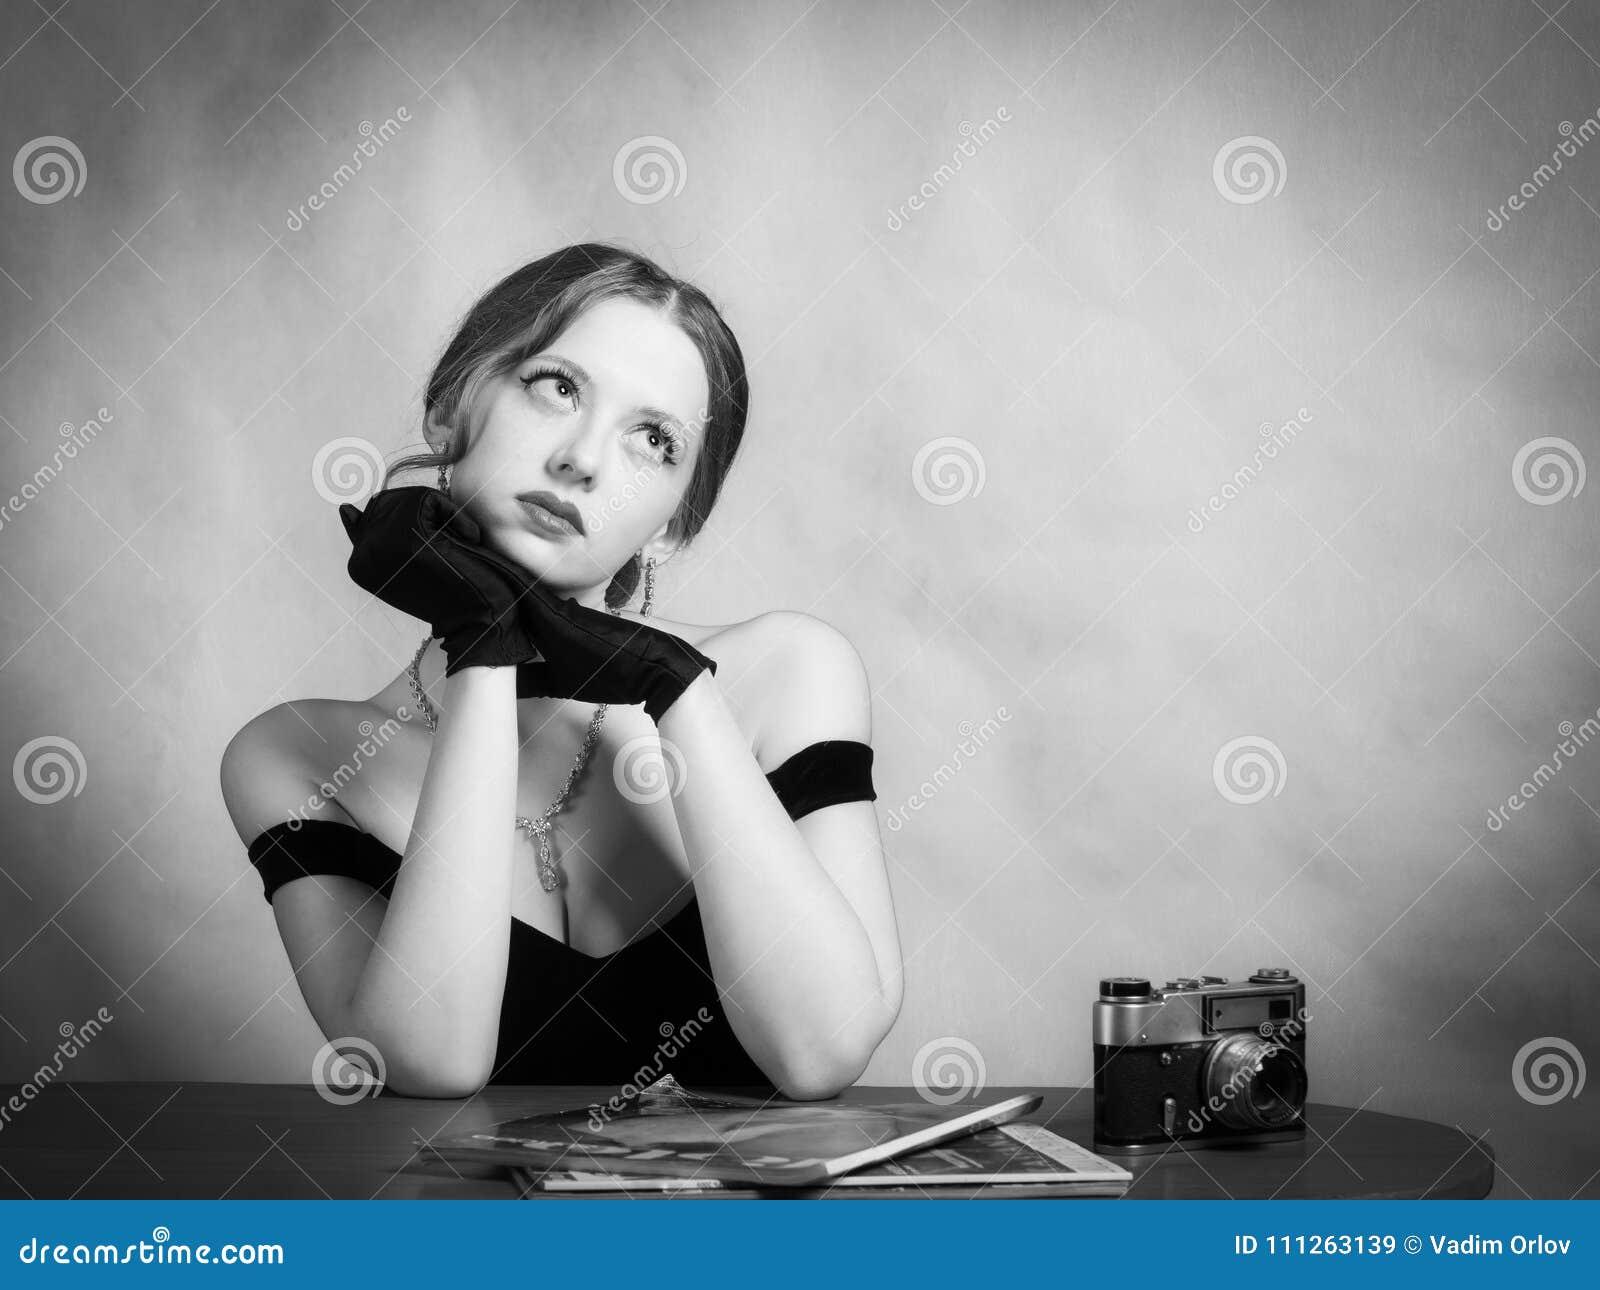 Задумчивая девушка в платье вечера сидя на таблице с кассетами